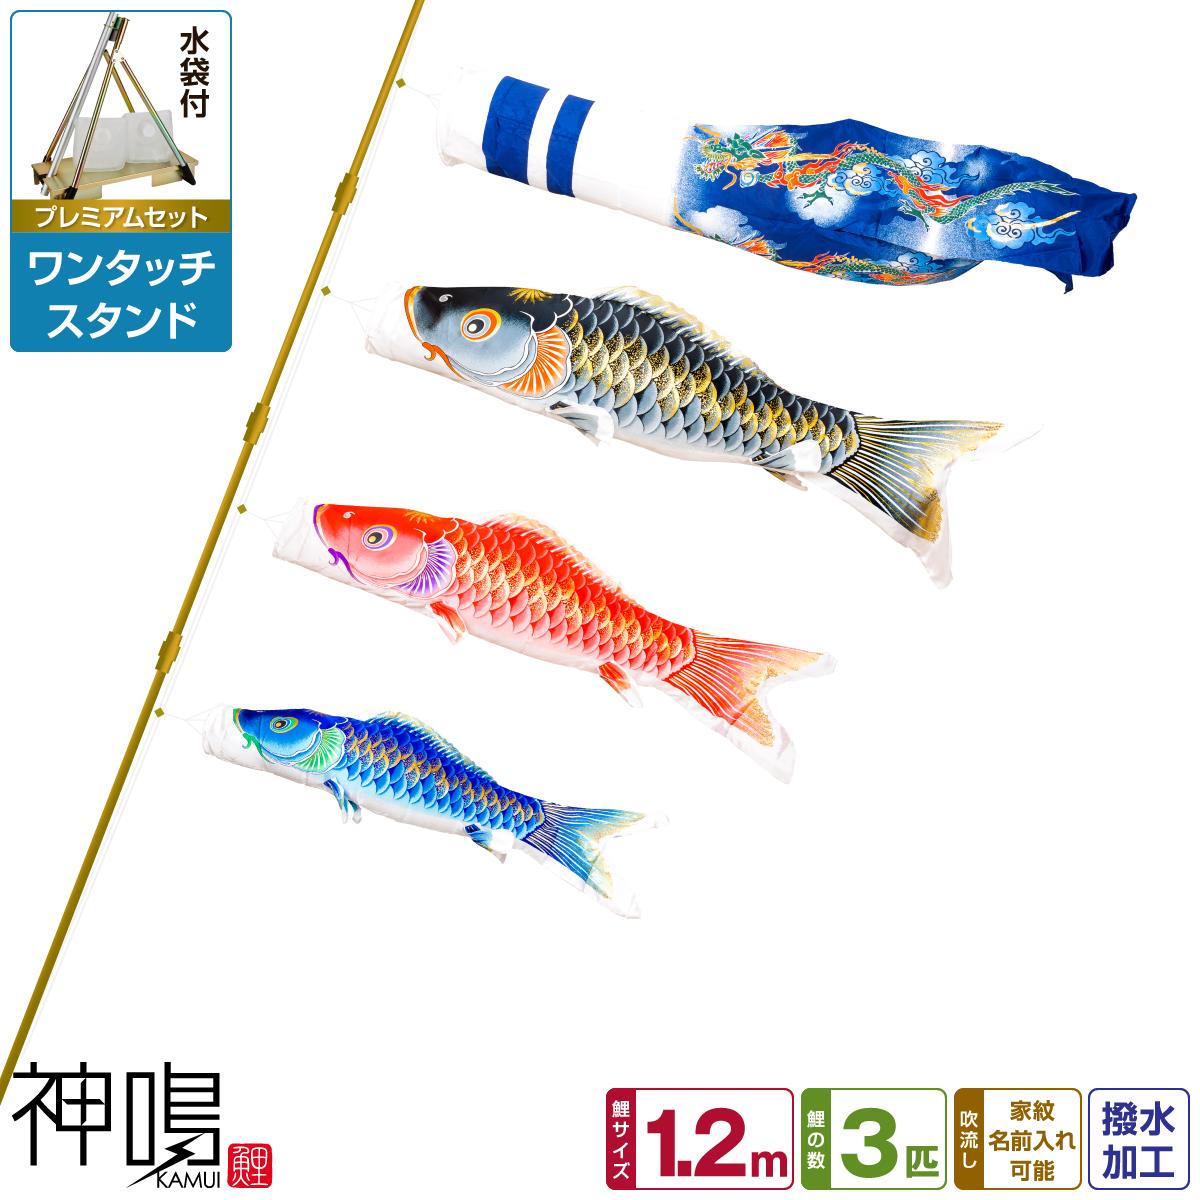 ベランダ用 鯉のぼり 神鳴鯉-KAMUI- 1.2m 6点(吹流し+鯉3匹+矢車+ロープ)/プレミアムセット(ワンタッチスタンド)